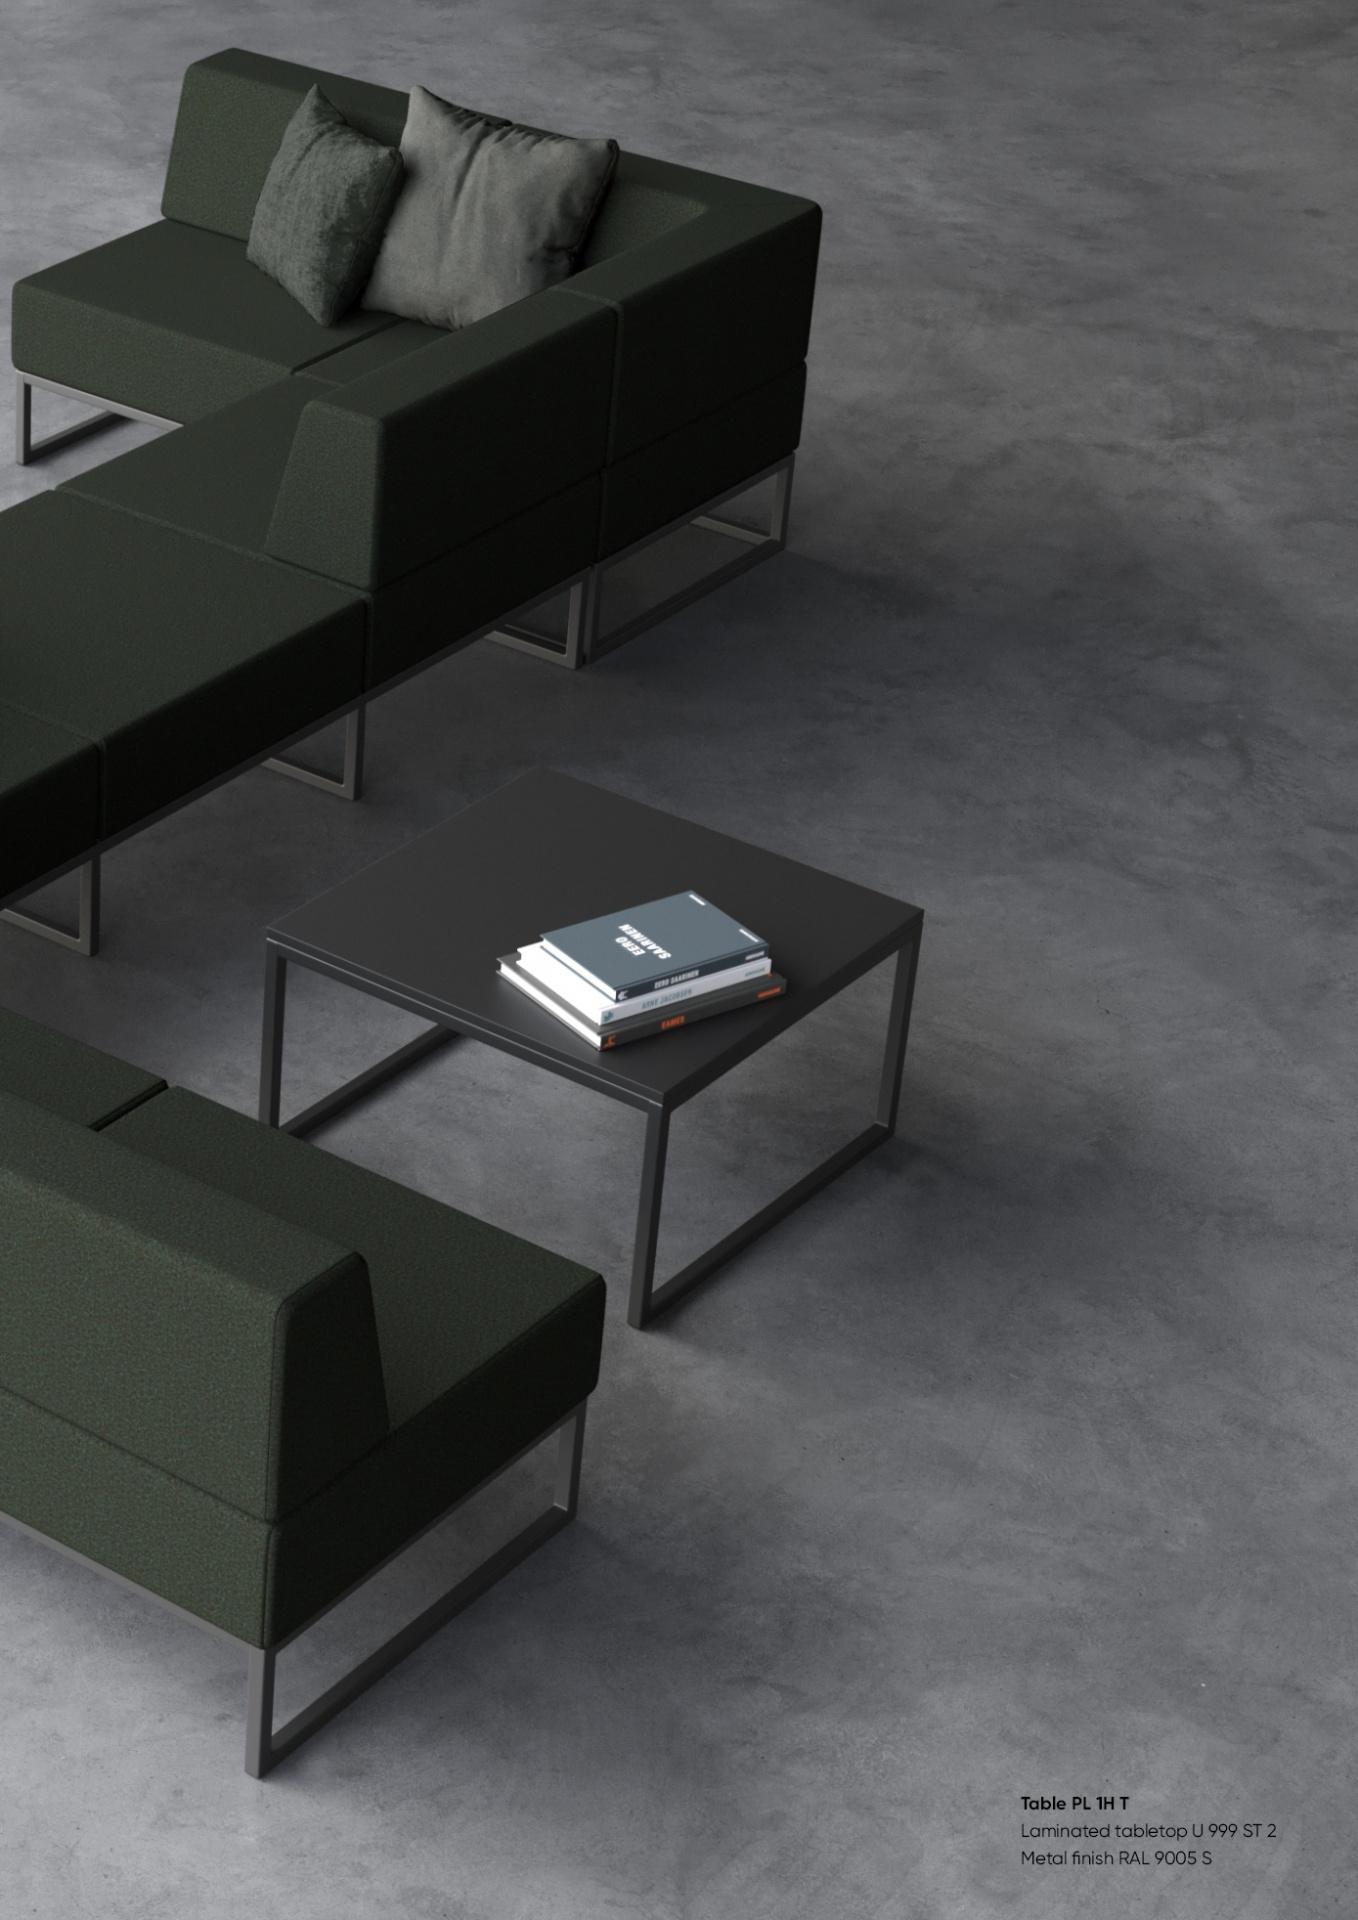 plint-catalogue-v2-13.jpg